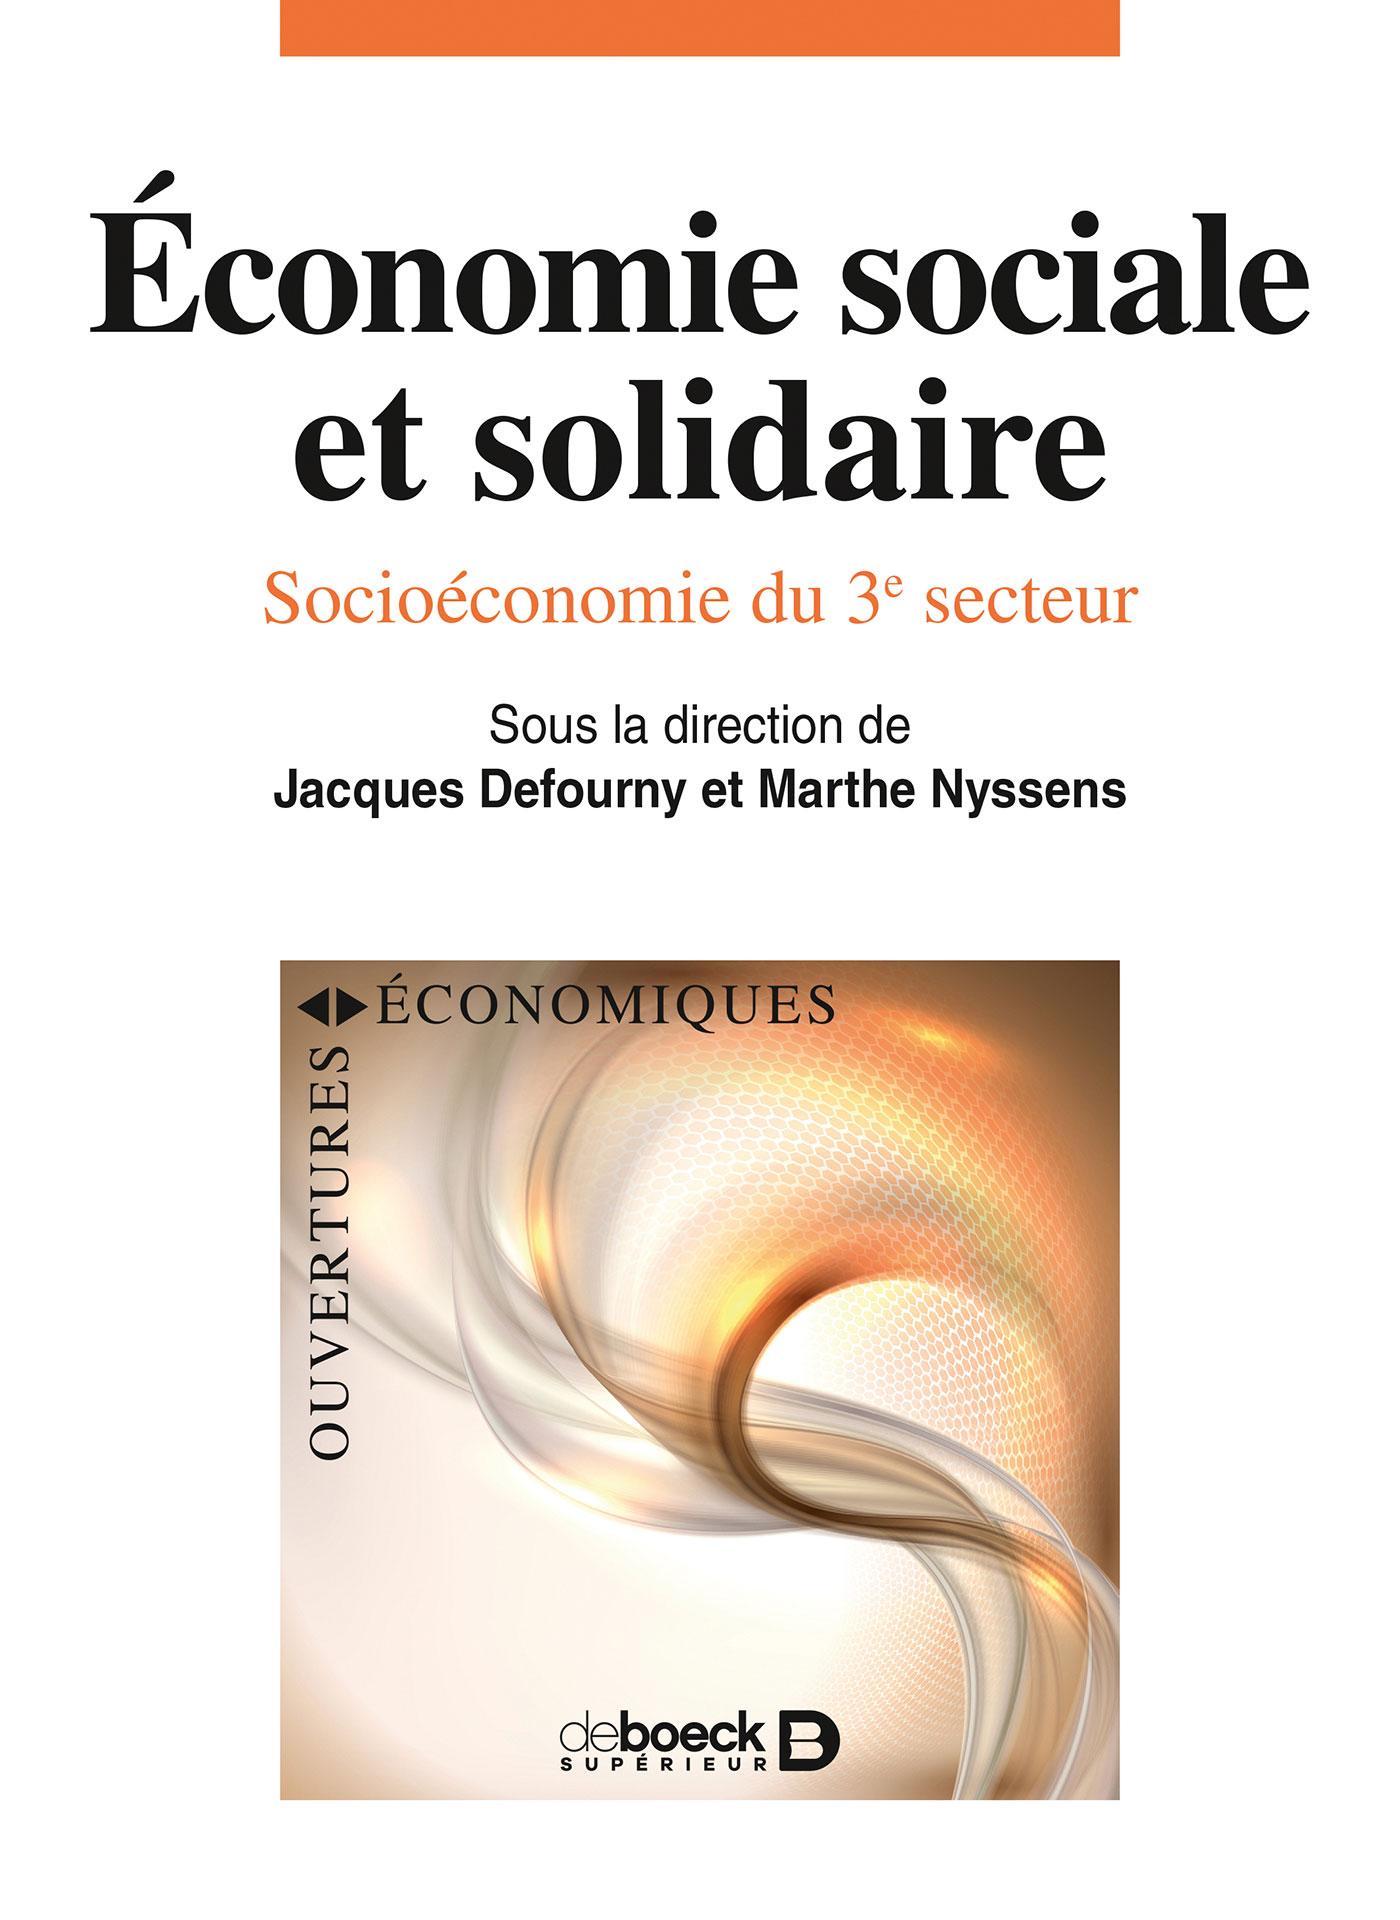 Conomie sociale et solidaire de boeck sup rieur - Grille indiciaire ingenieur principal ...